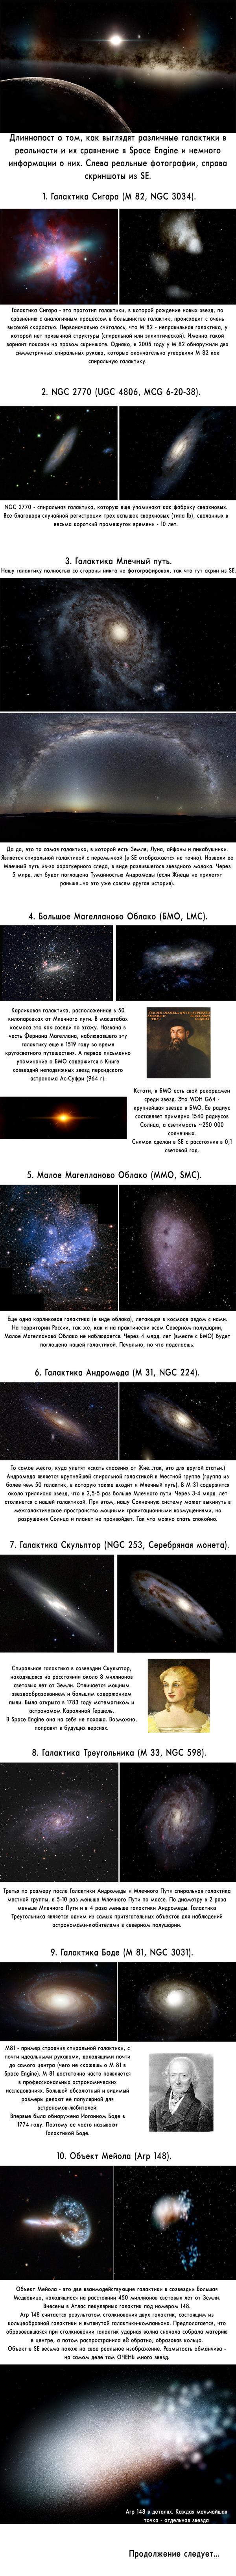 Галактический пост Космос, Галактика, Space Engine, Звёзды, Астроном, Вселенная, Длиннопост